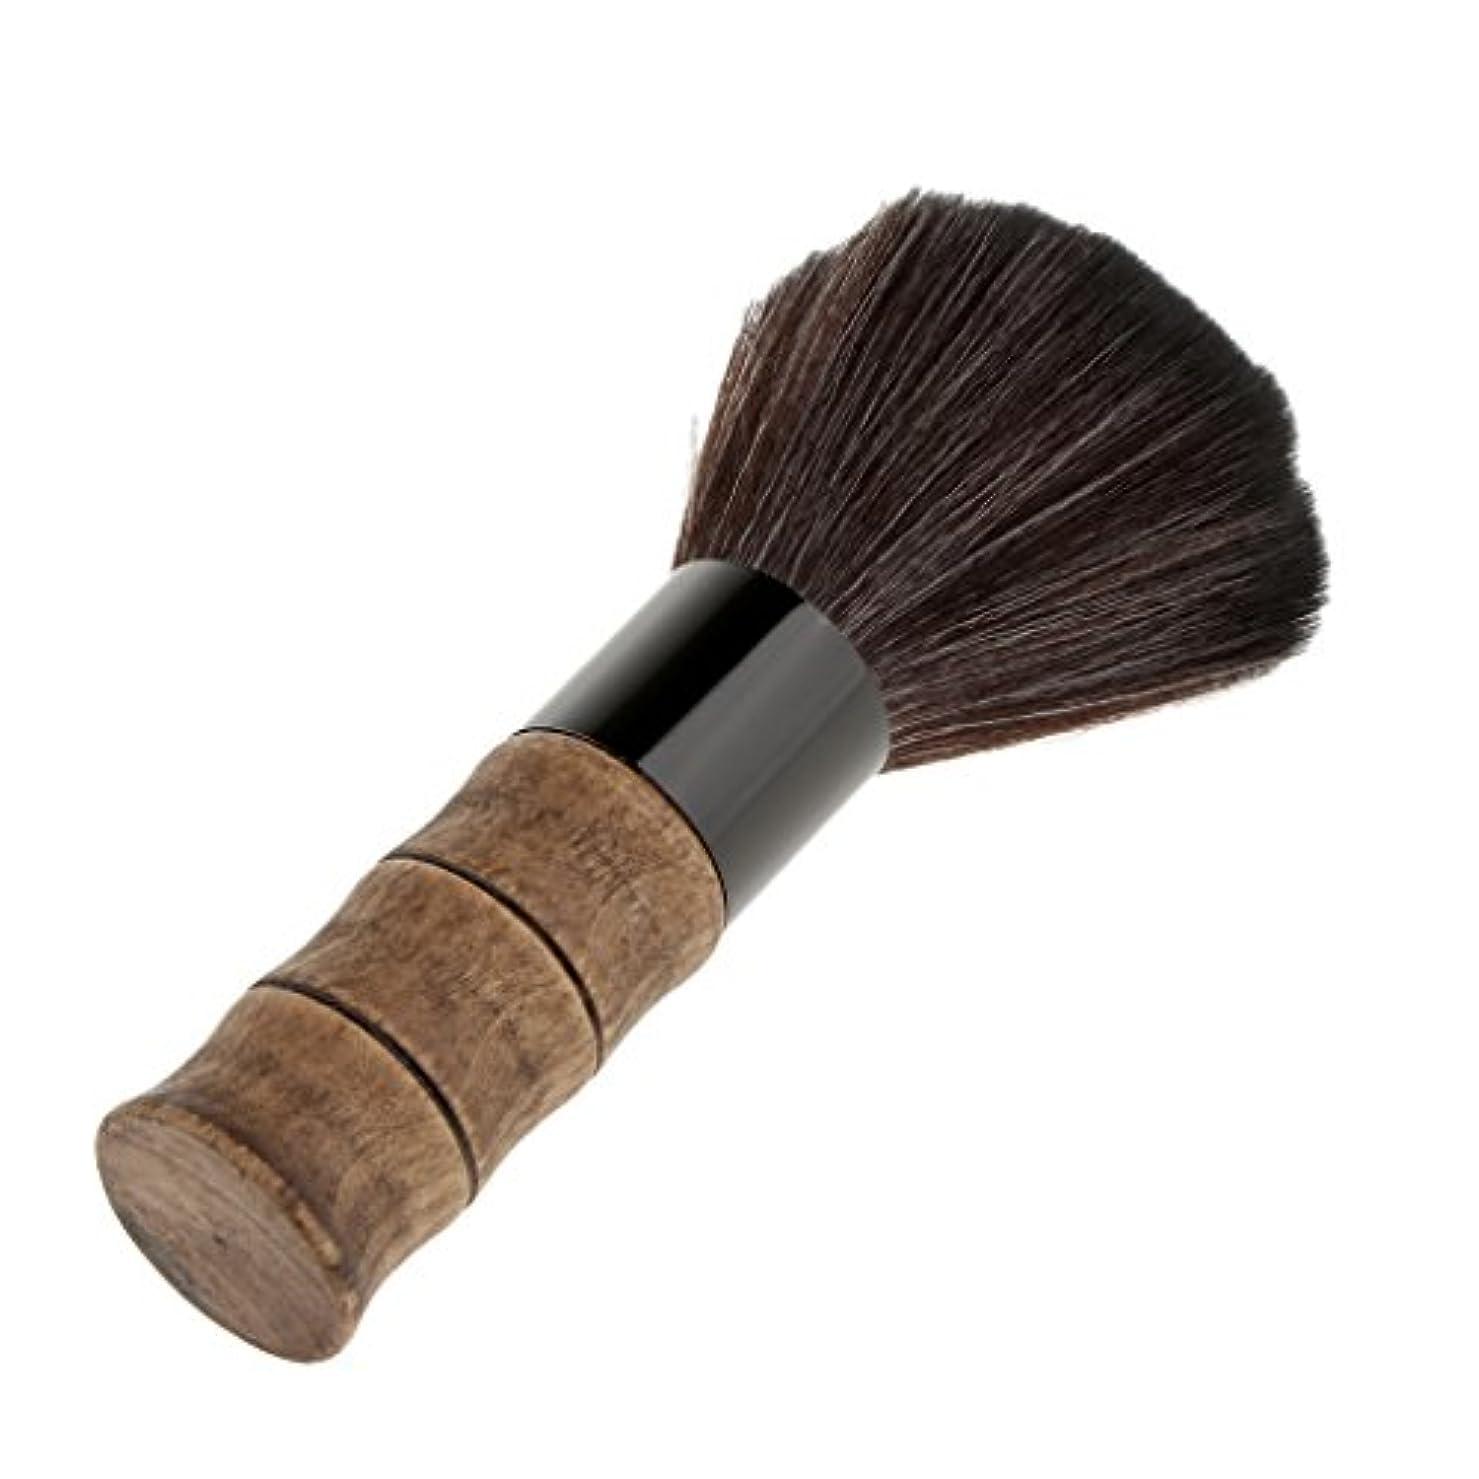 補うロースト韻Baosity ブラシ シェービングブラシ メイクブラシ ソフト 超柔らかい 繊維 洗顔 木製ハンドル 泡立ち 2色選べる  - ブラック